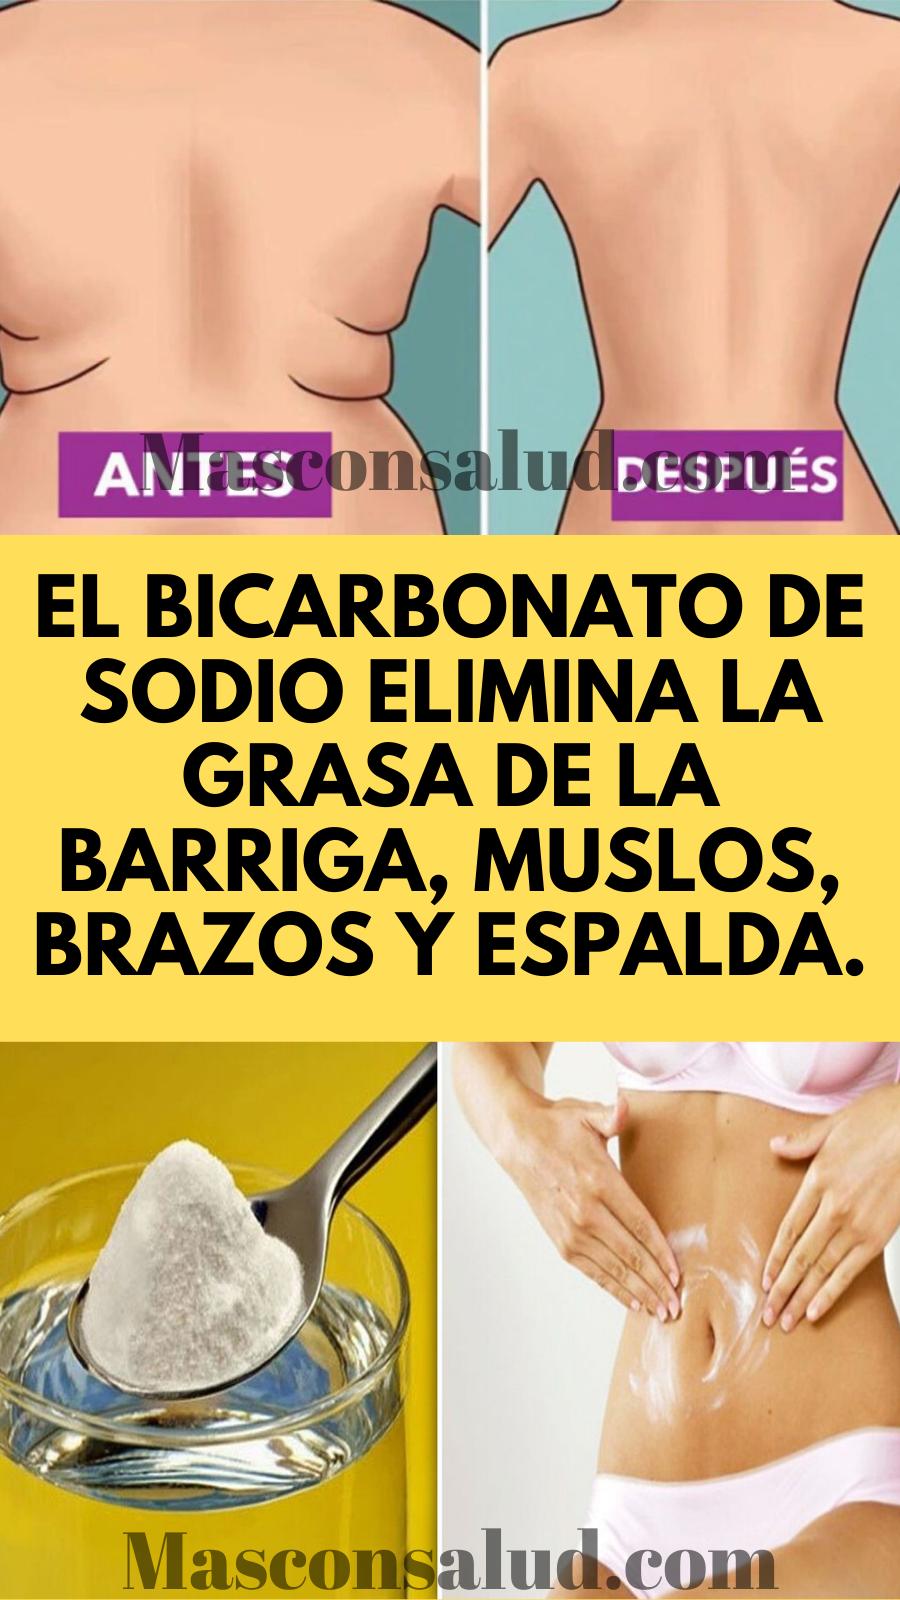 El Bicarbonato De Sodio Elimina La Grasa De La Barriga Muslos Brazos Y Espalda Remedios Para Adelgazar Bebidas Para Adelgazar Dieta Para Perder Grasa